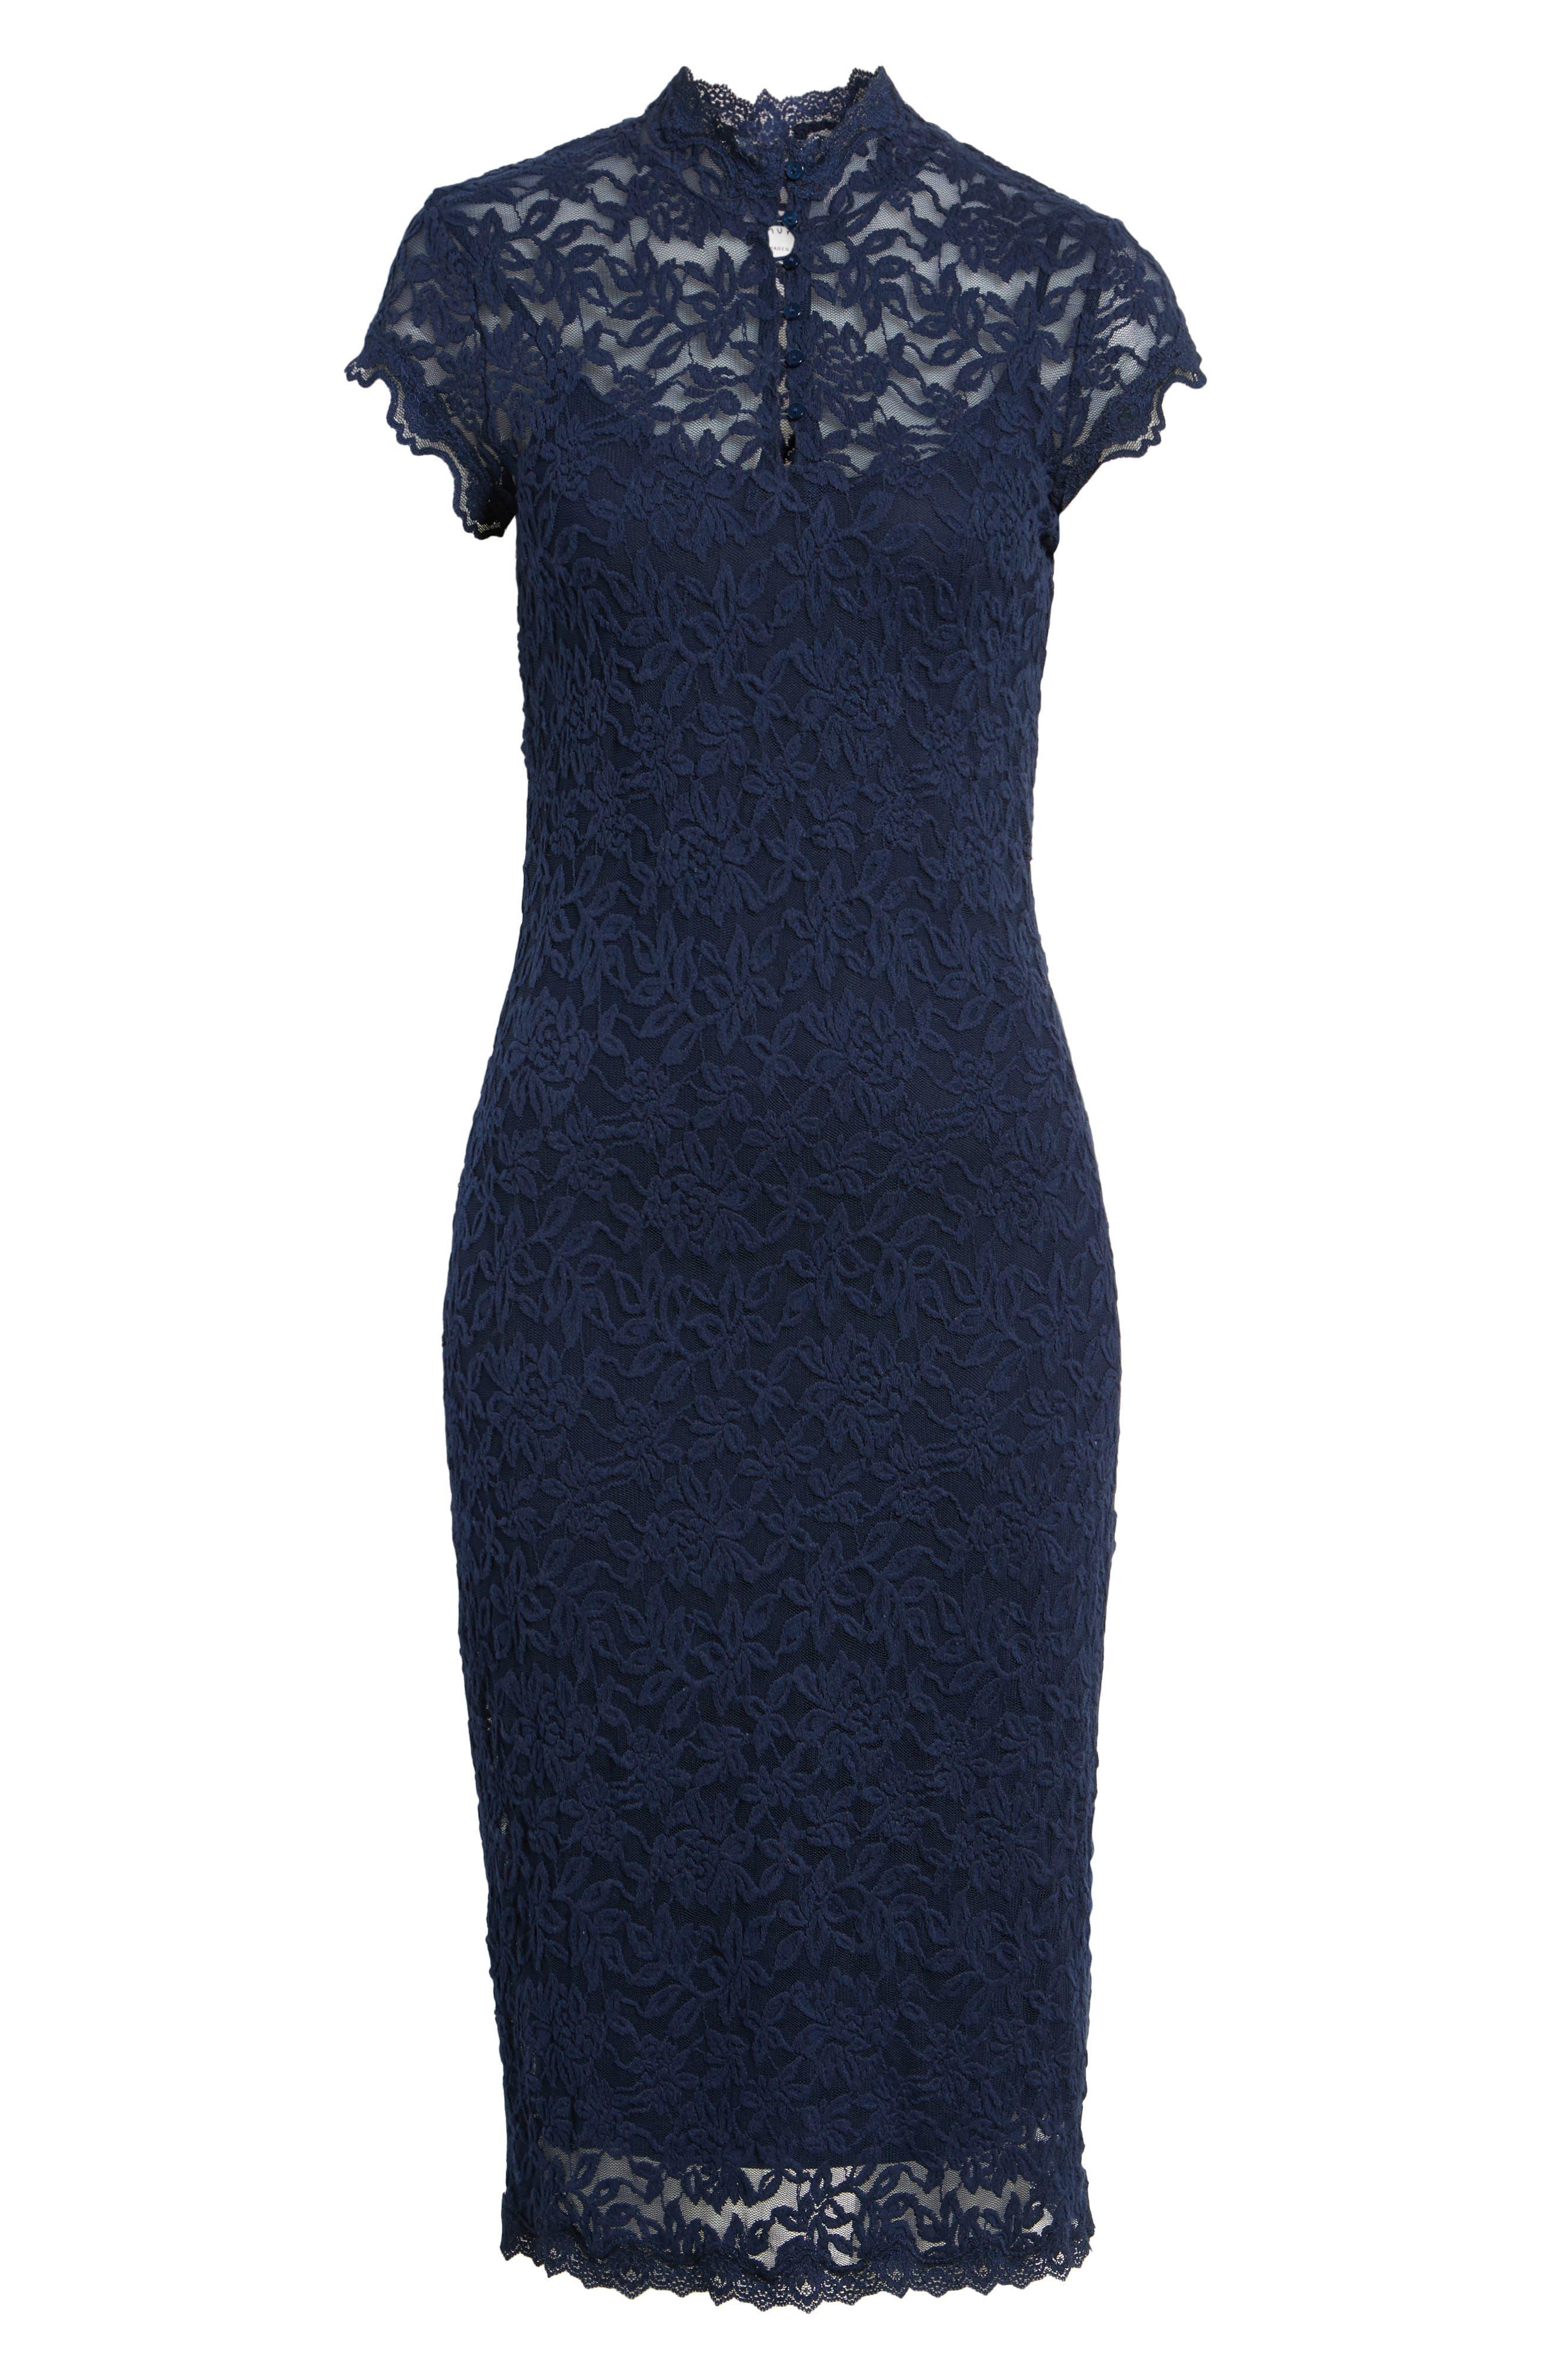 Delicia Lace Body-Con Dress,                             Alternate thumbnail 6, color,                             Dark Blue